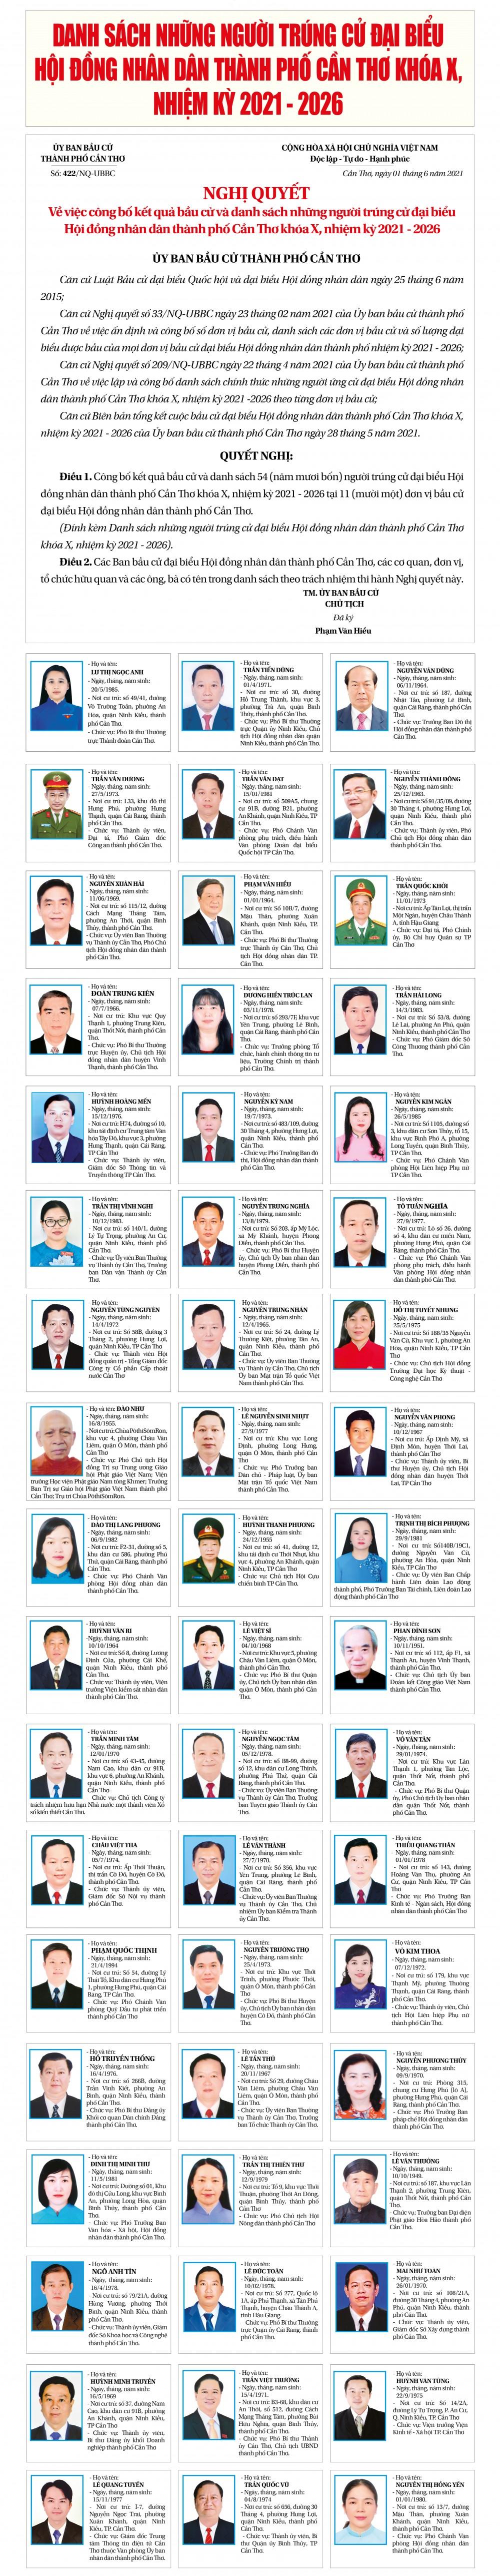 Danh sách những người trúng cử đại biểu Hội đồng nhân dân thành phố Cần Thơ khóa X, nhiệm kỳ 2021 - 2026